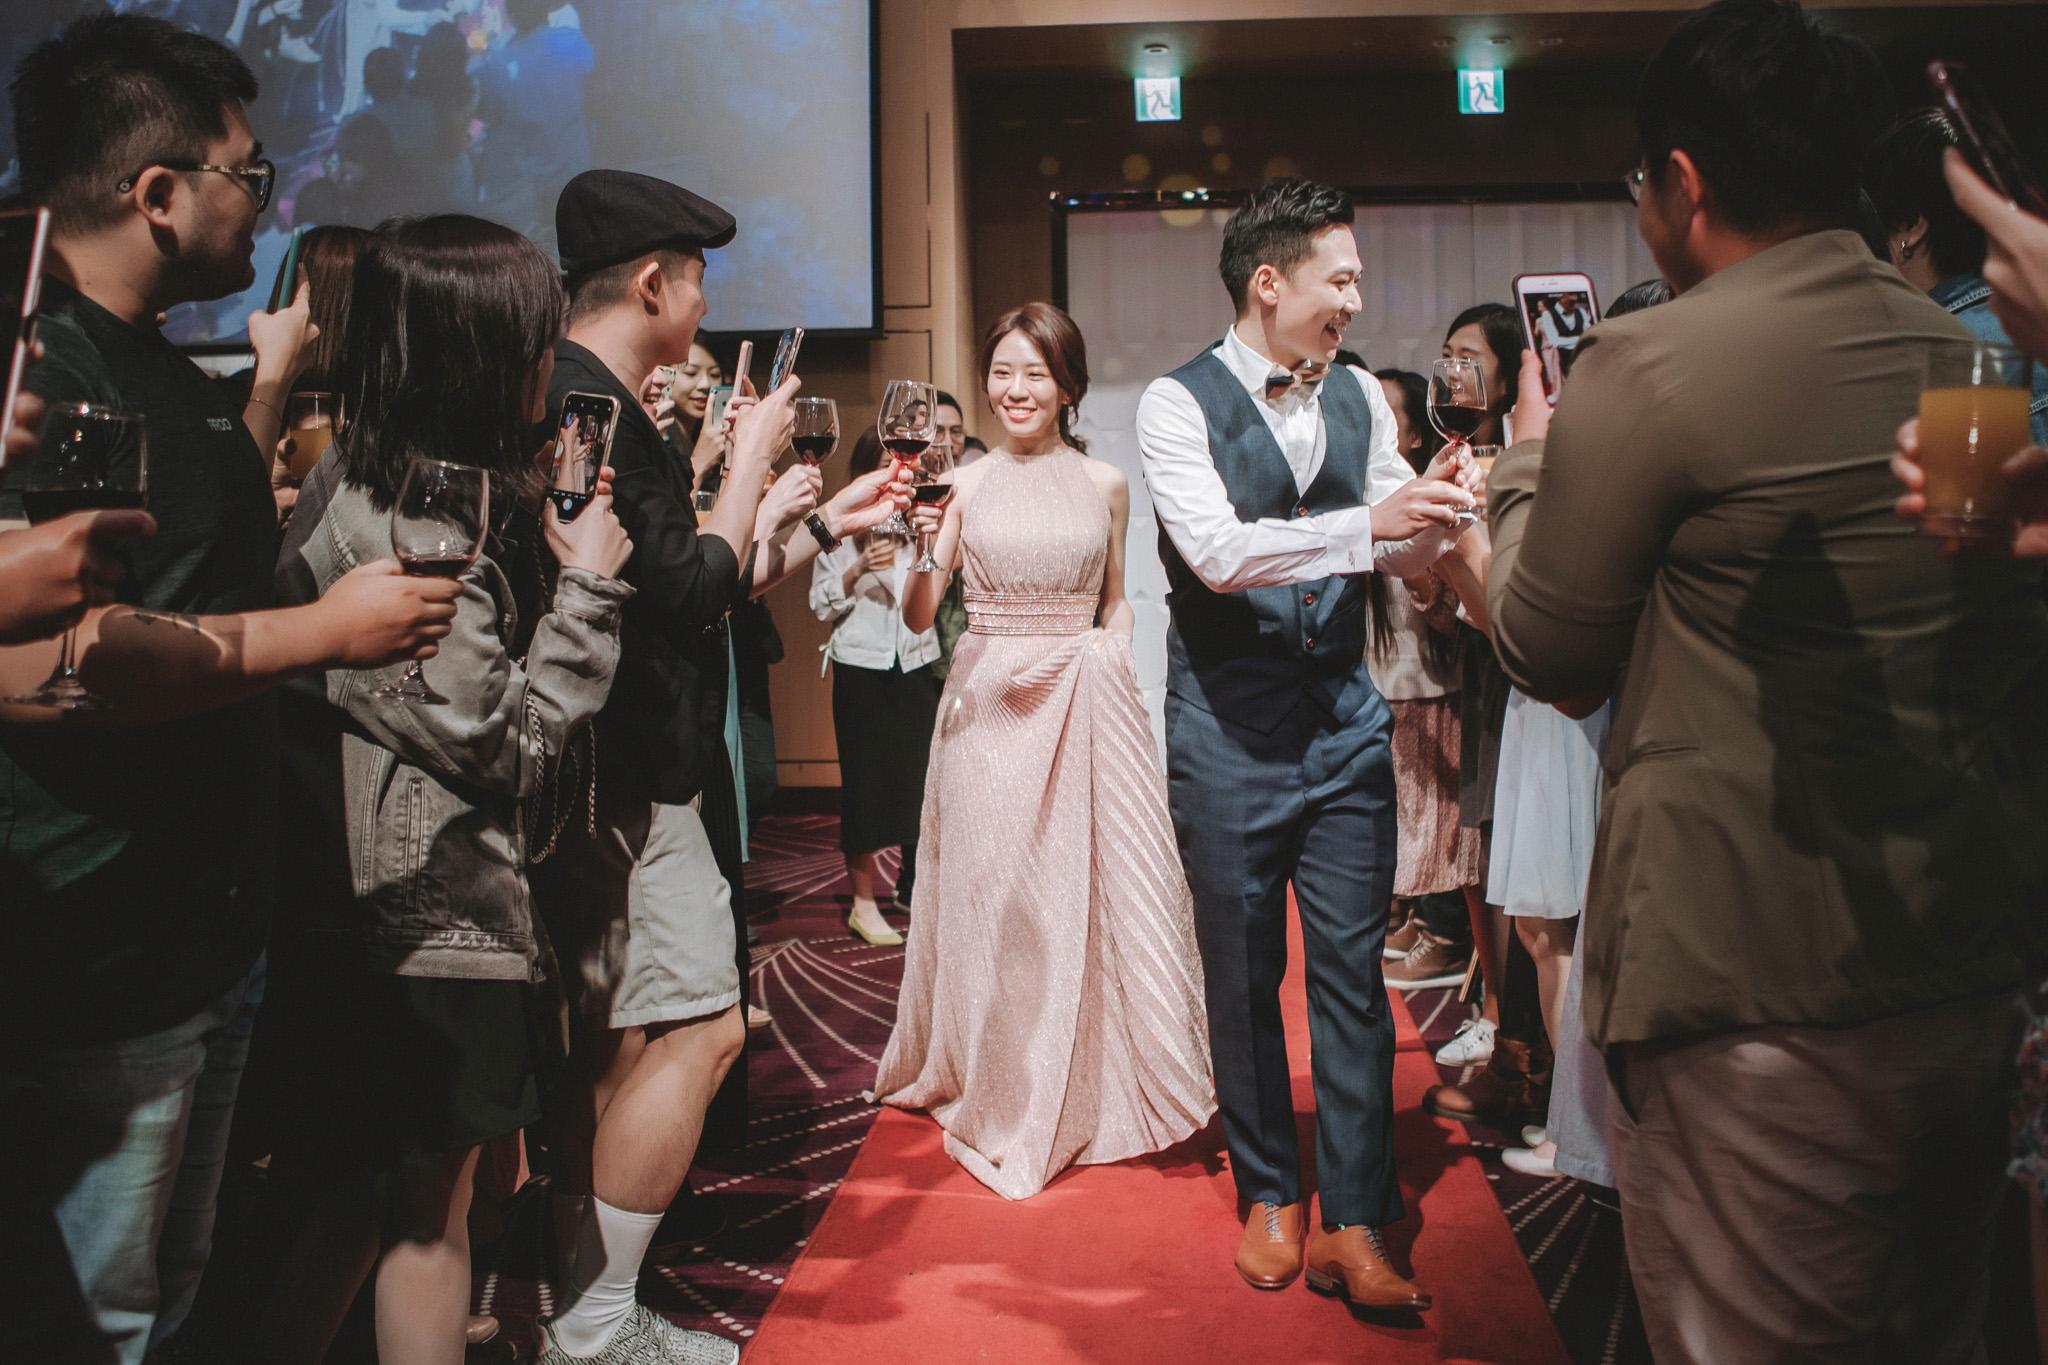 EW 居米 台北婚宴 台北婚紗 台北婚攝 國泰萬怡 台北婚禮 -49